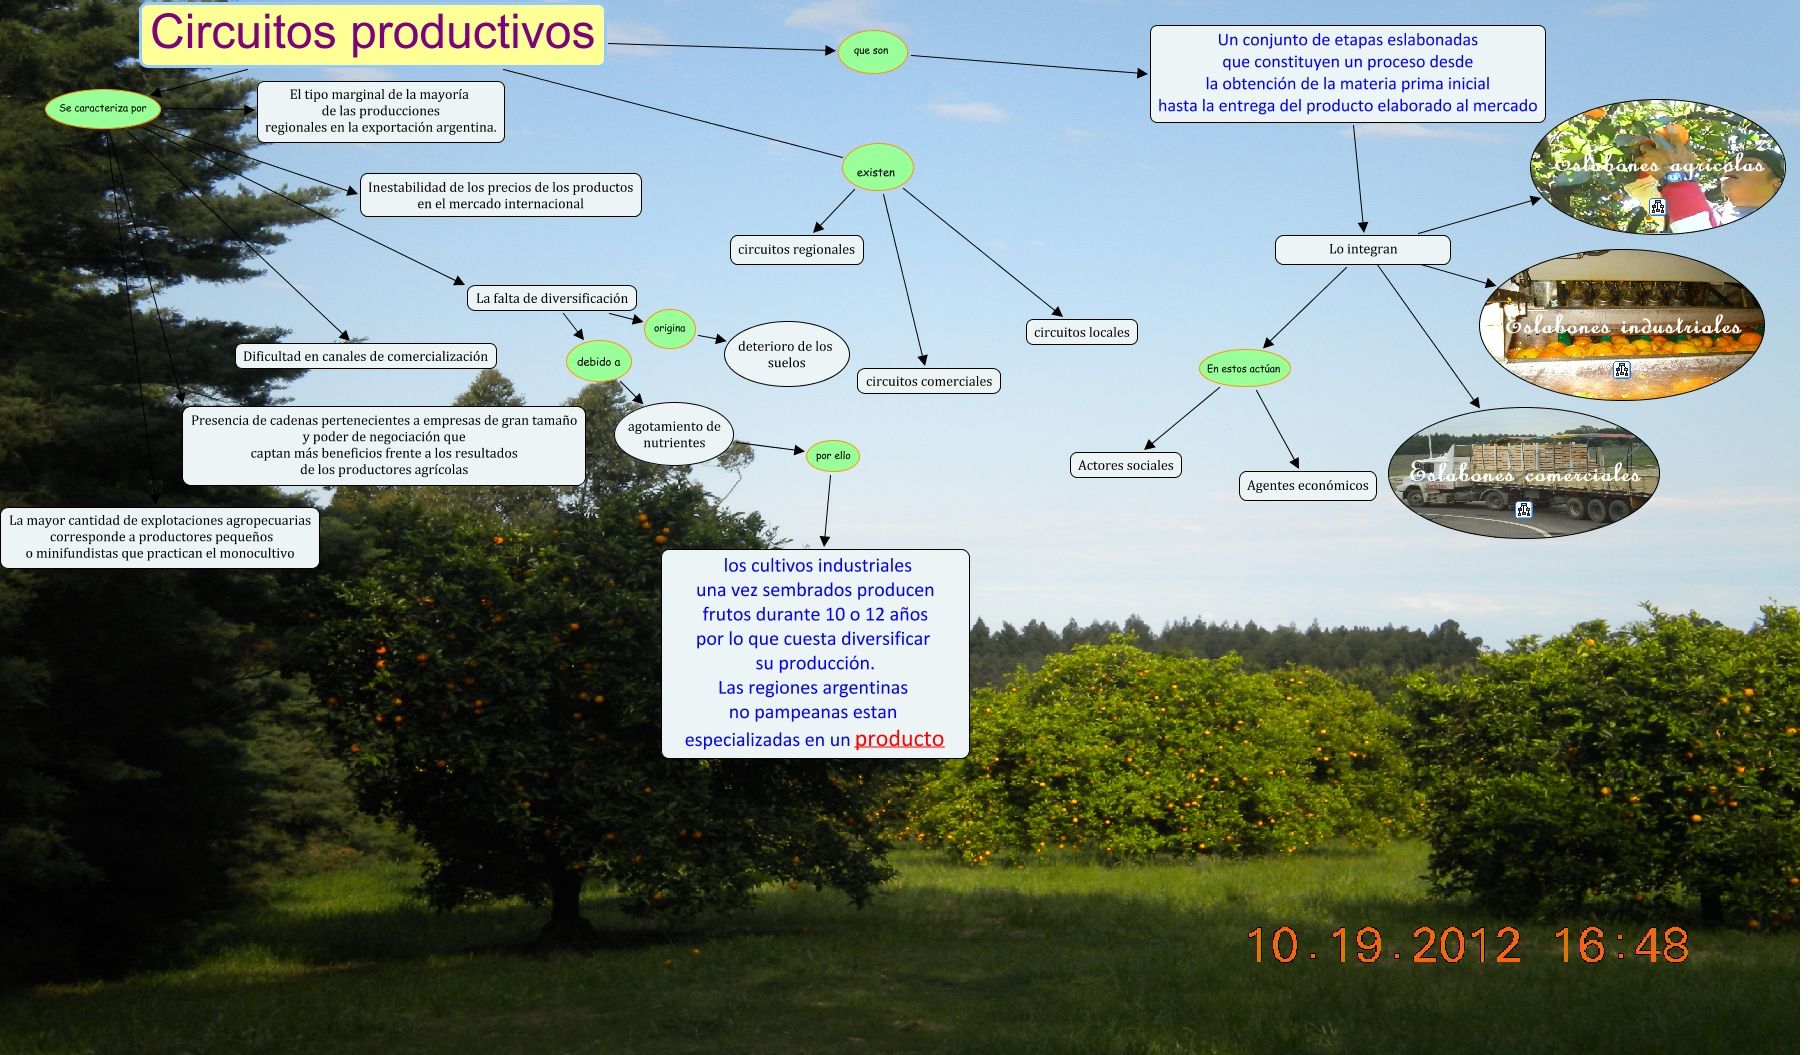 Circuito Yerbatero Argentina : Circuito productivo